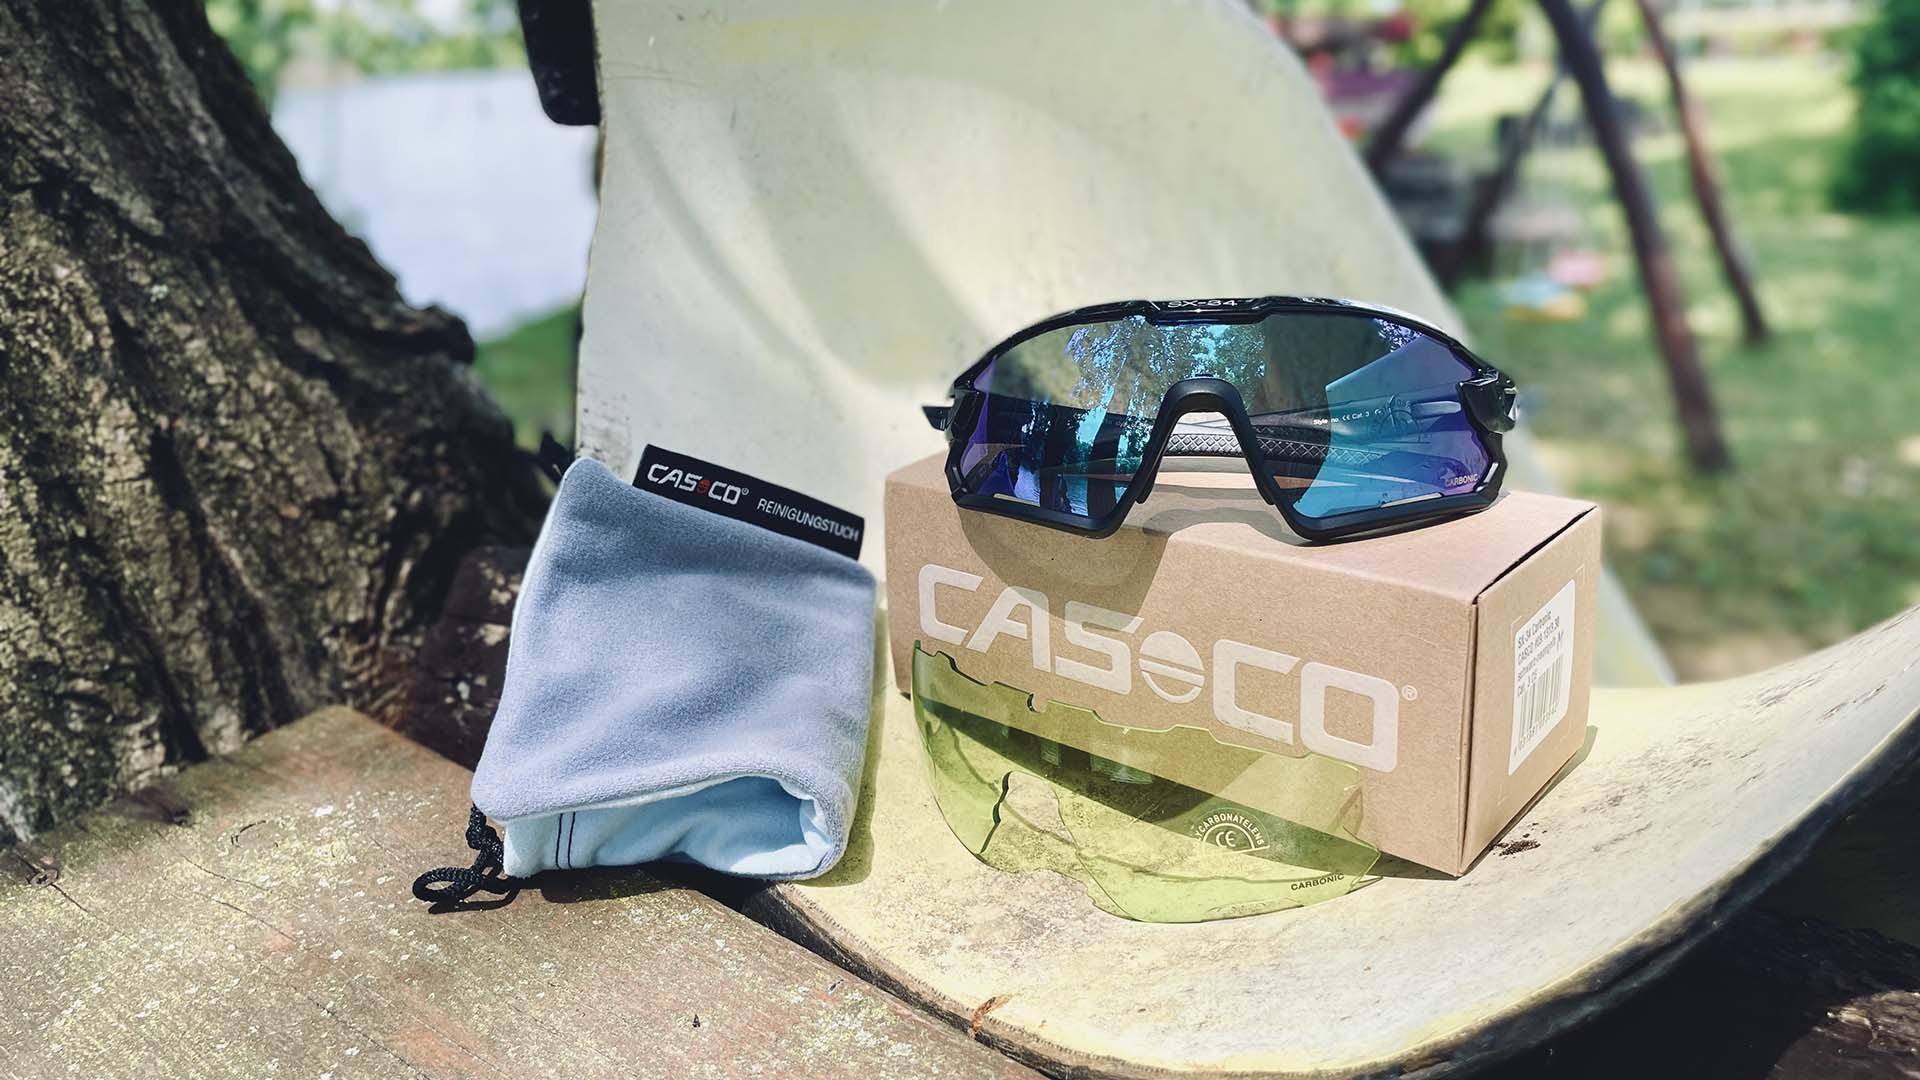 Funkcionális szemüveg sportoláshoz kifejlesztve: Casco SX-34 sportszemüveg-20